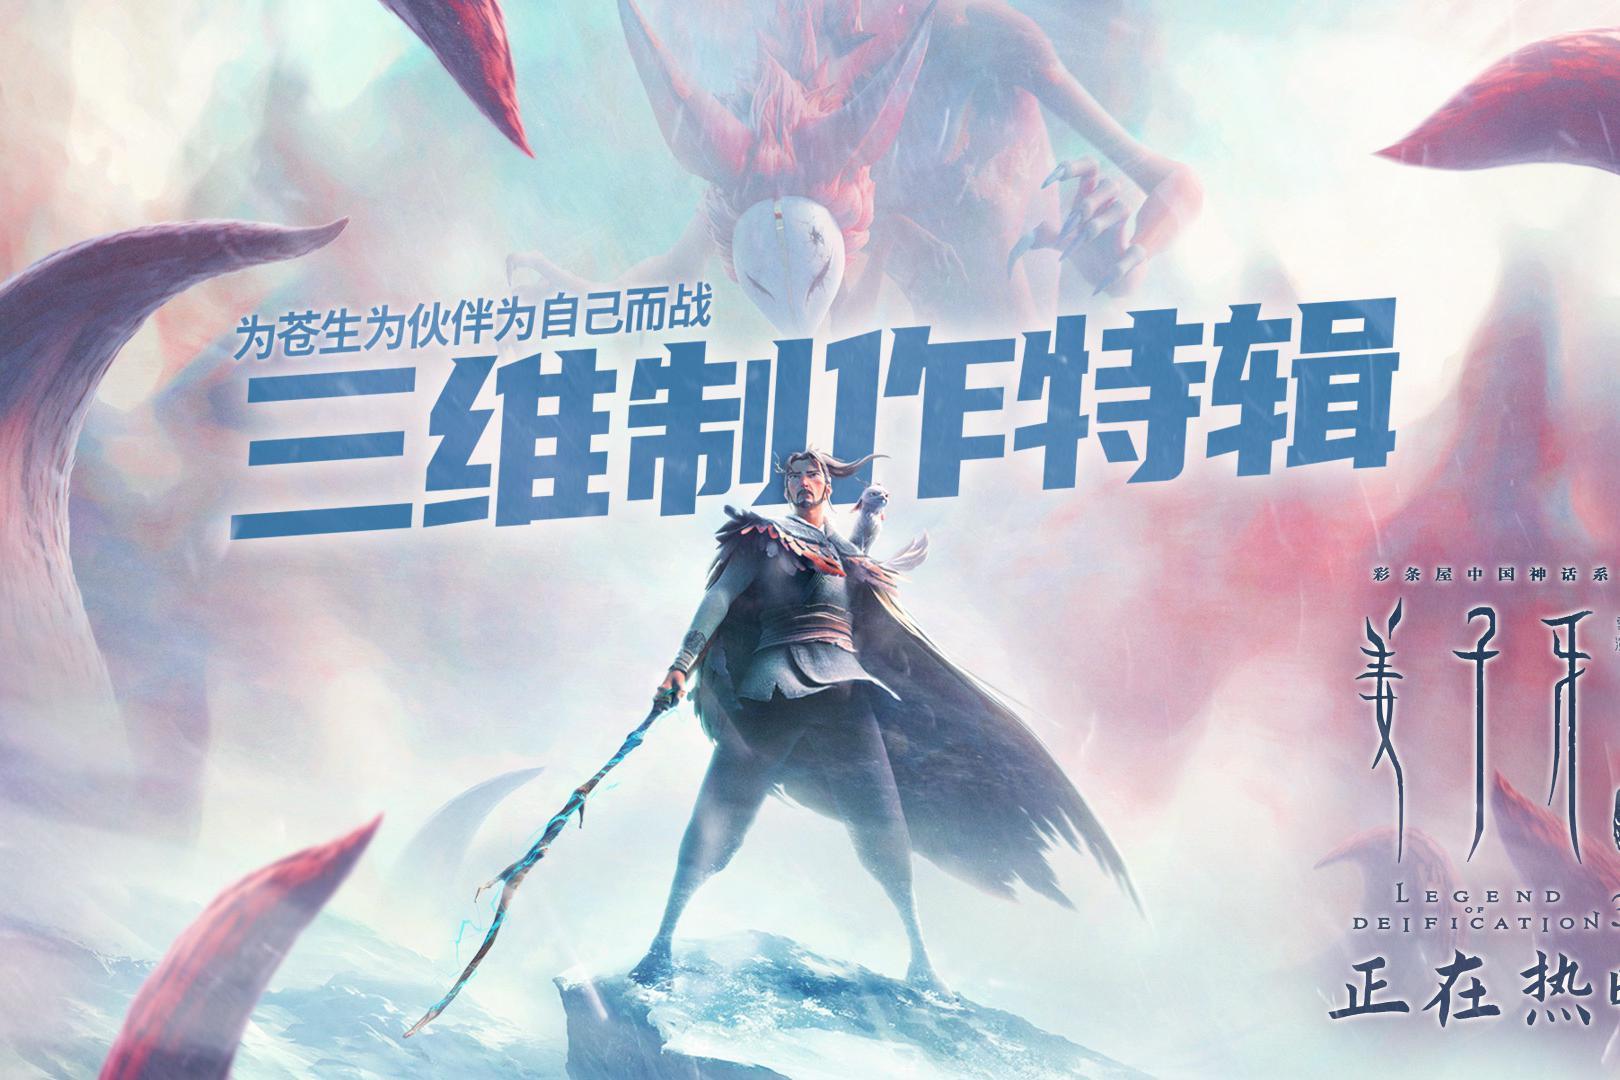 电影《姜子牙》今日上映!票房破1.6亿创动画电影首日票房新纪录